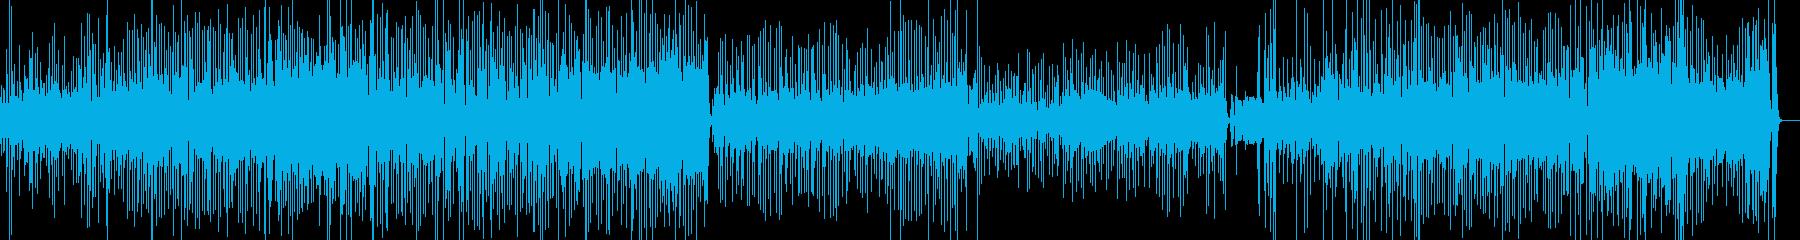 アップテンポで賑やかなラテンポップスの再生済みの波形